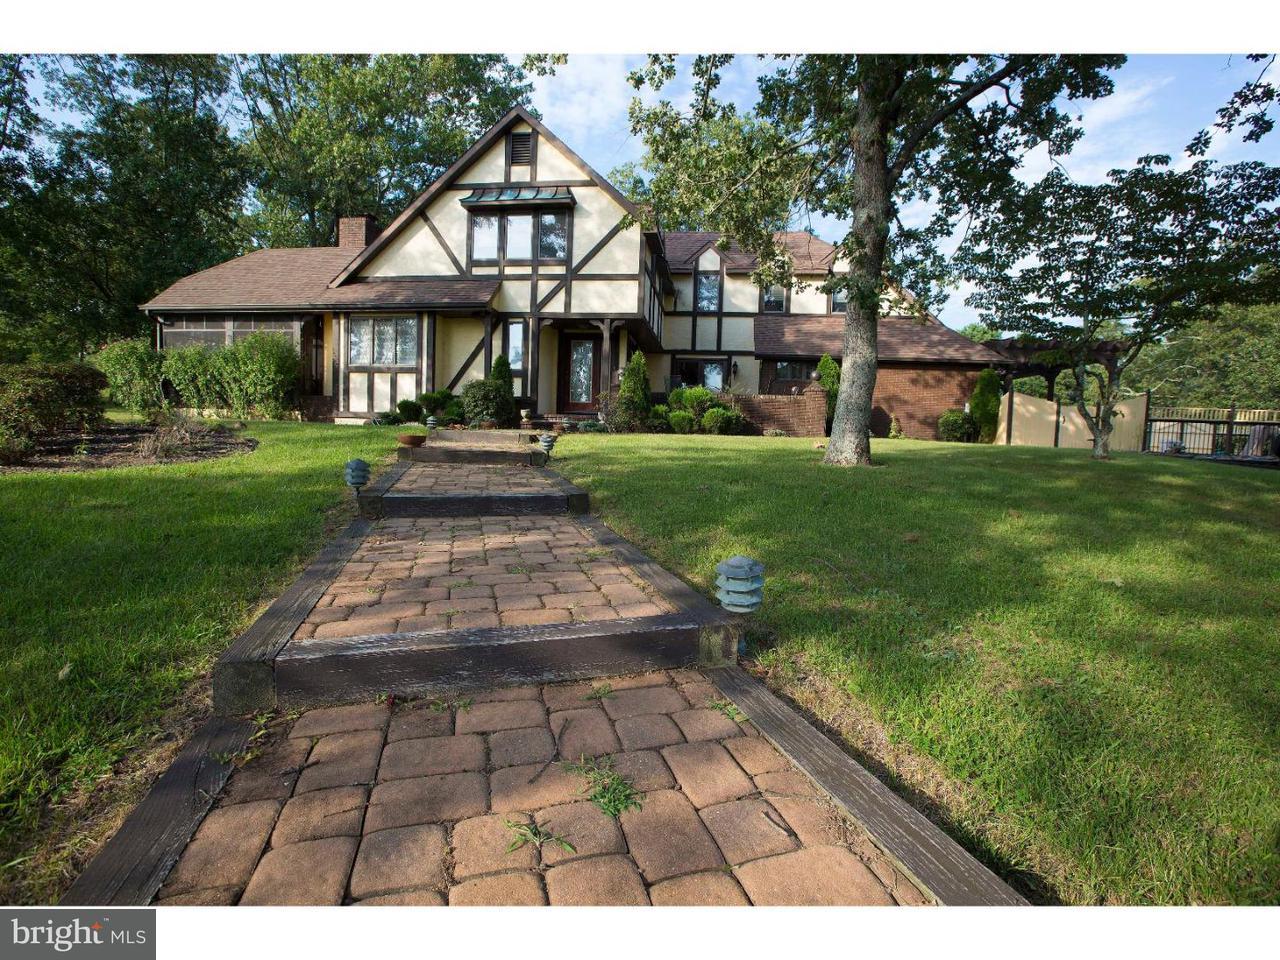 Частный односемейный дом для того Продажа на 6173 BLACK HORSE PIKE Mays Landing, Нью-Джерси 08330 Соединенные ШтатыВ/Около: Hamilton Township